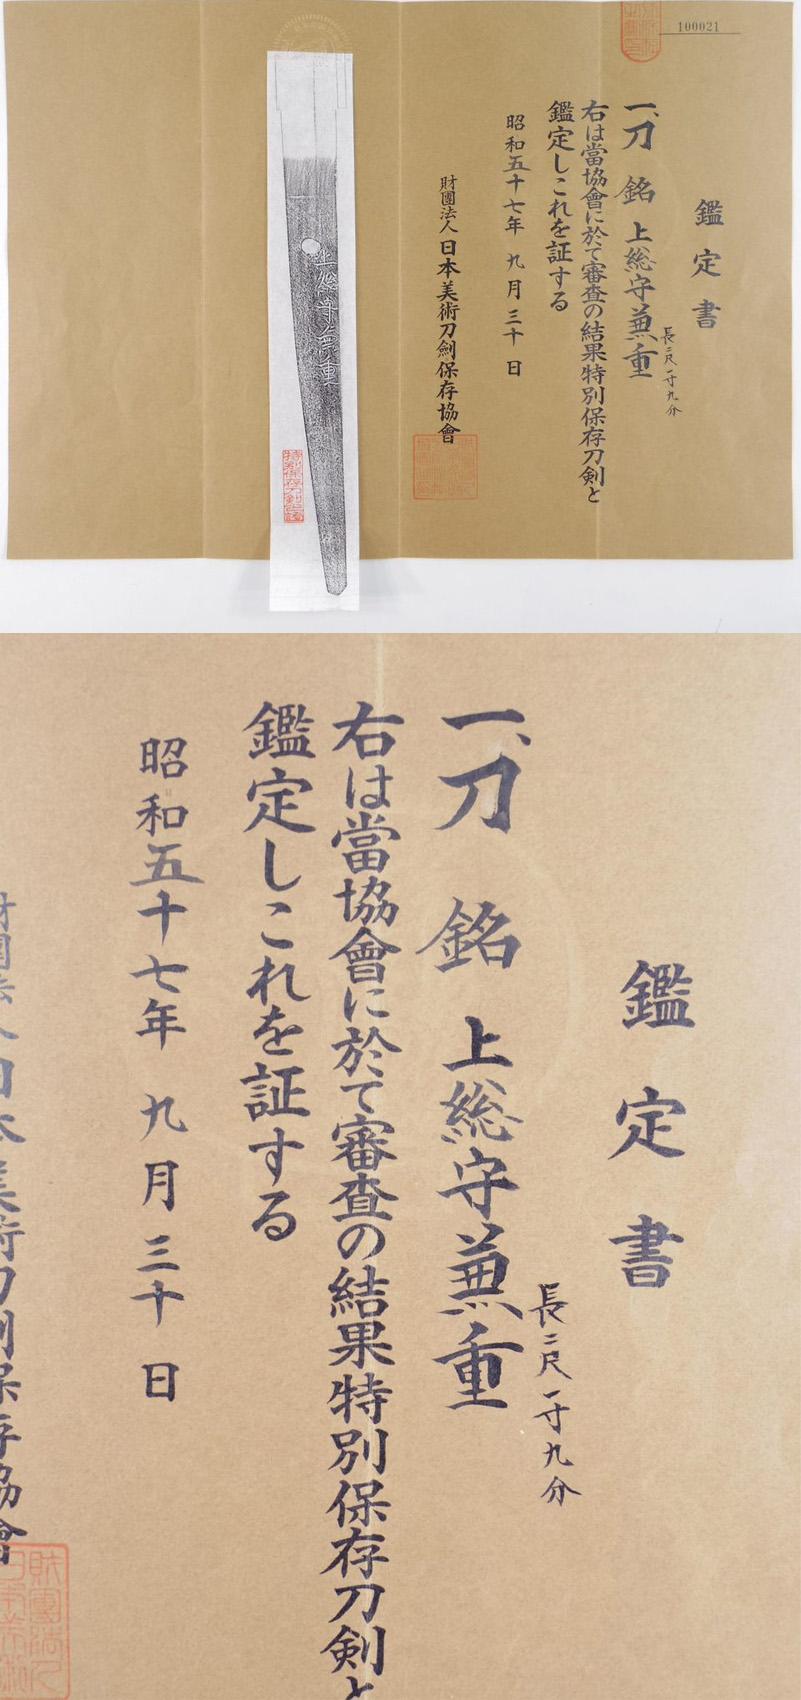 刀 上総守兼重 (新刀 上作) (業物) Picture of Certificate